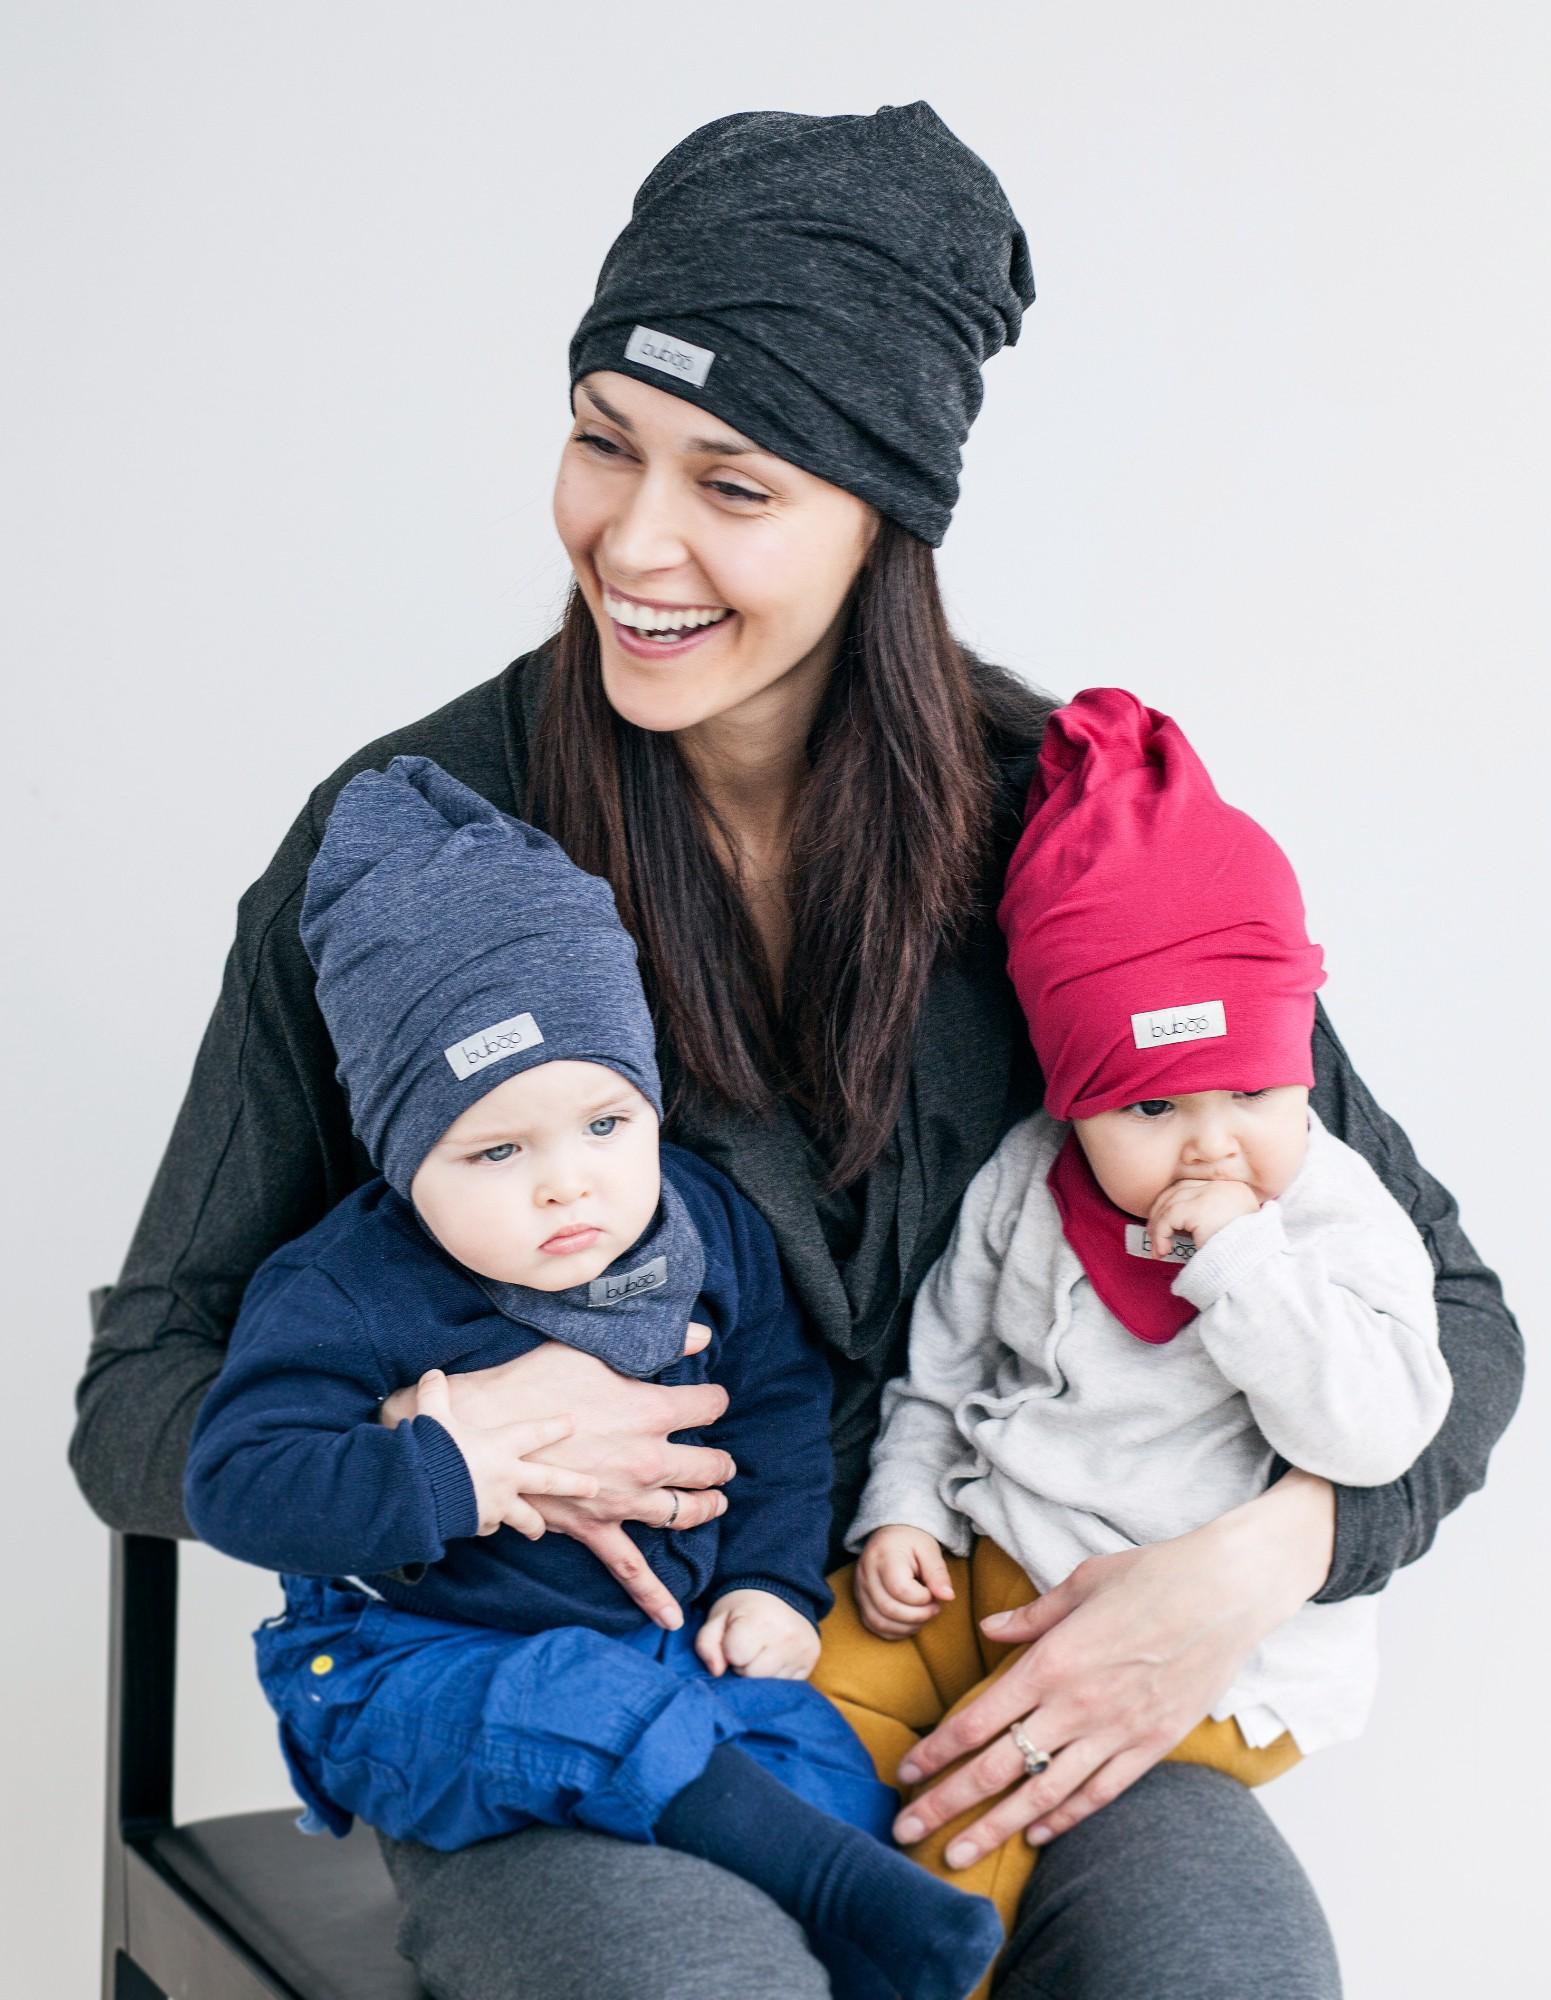 Dviguba vaikiška kepurė BUBOO Screw2, tamsiai pilka (41-45 cm)